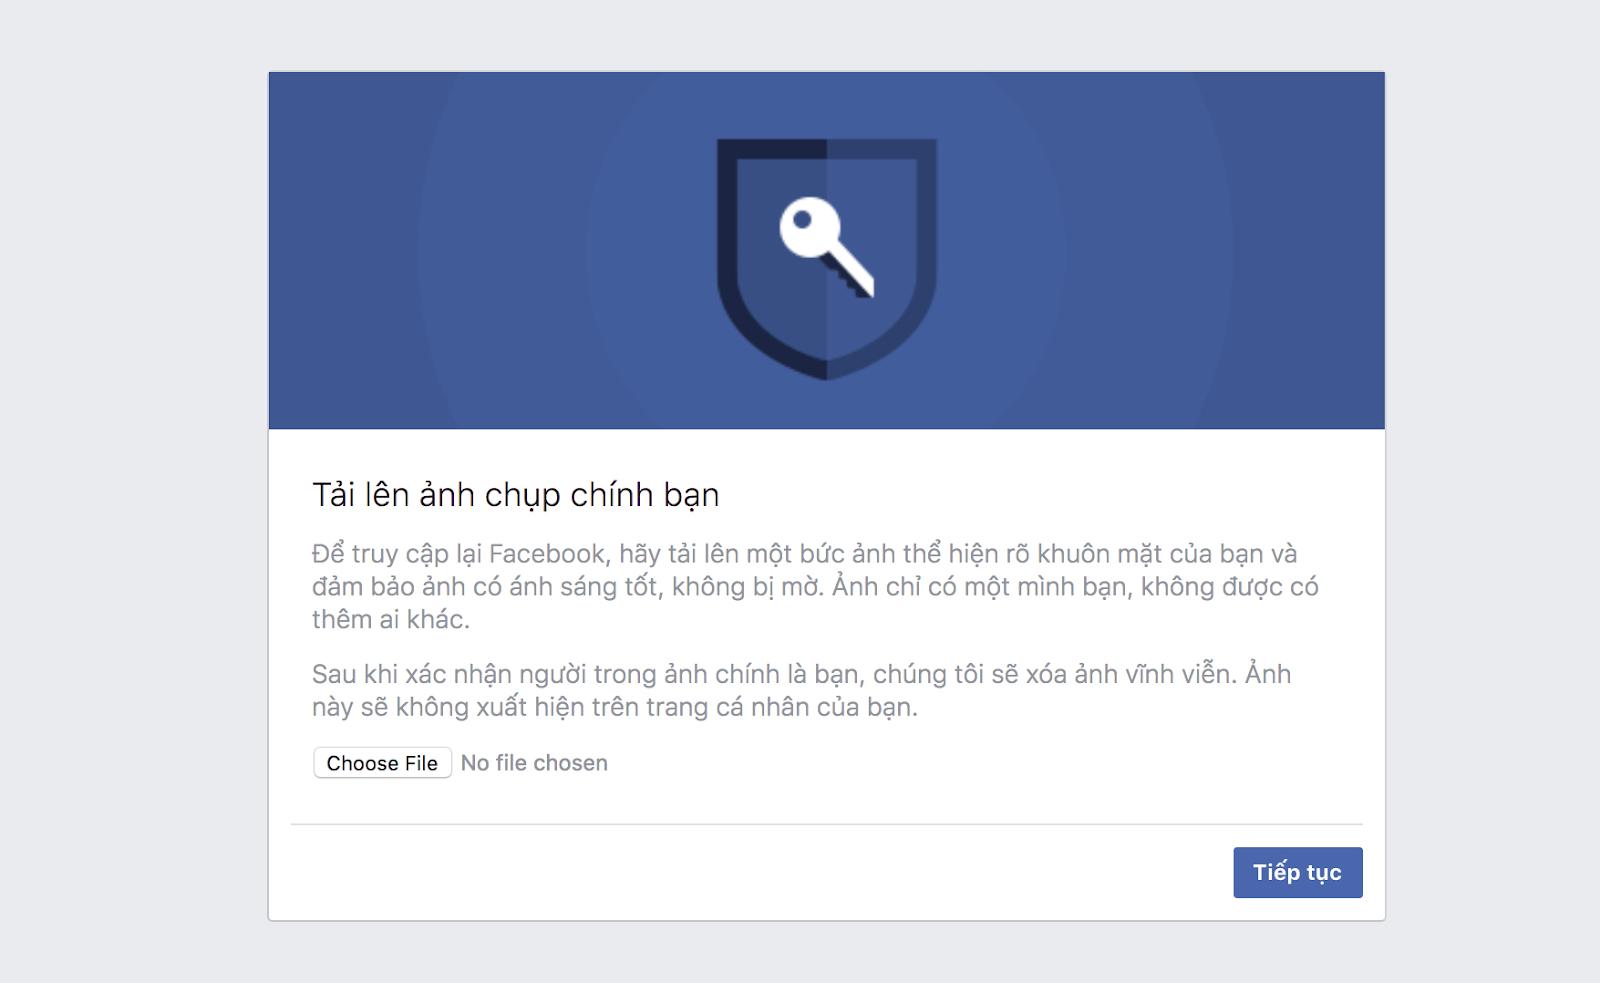 Biệt làm này dẫn đến việc trong quá trình sử dụng Facebook đòi hỏi xác nhận danh tính. Đây cũng là một trong những biện pháp Facebook bảo vệ tài khoản của chủ đạo bạn.